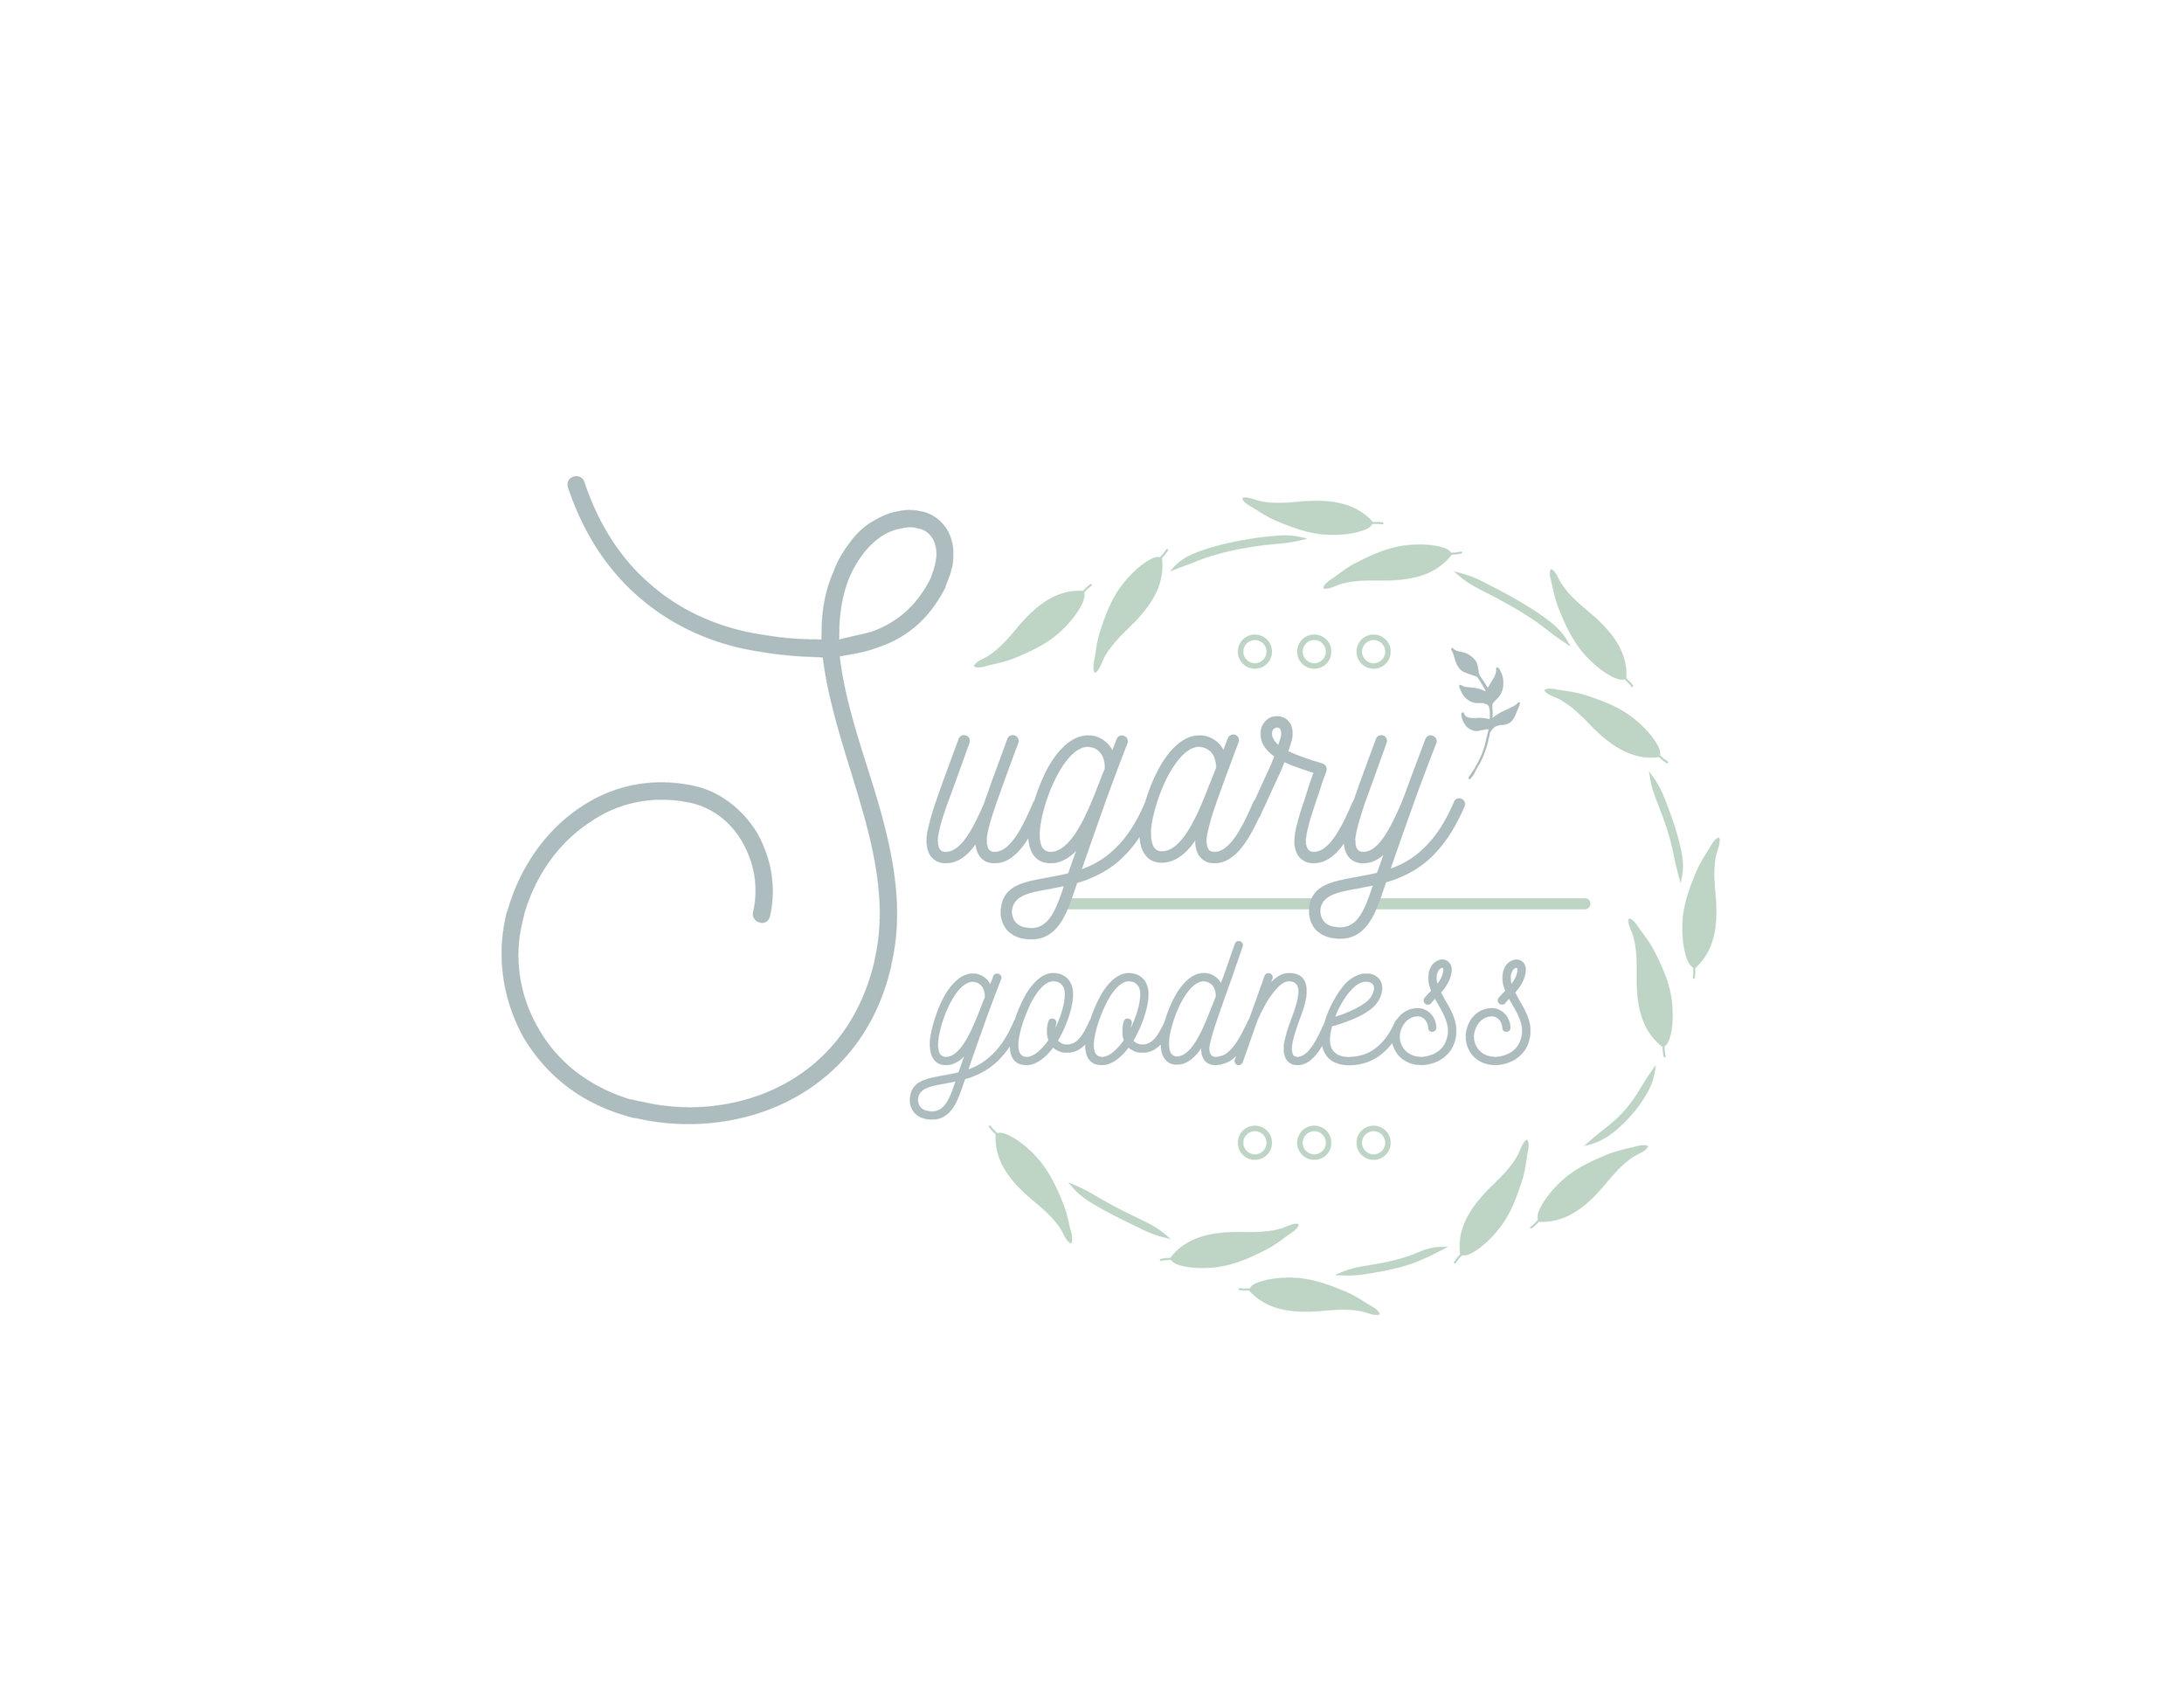 Sugary Goodness  Logo Design